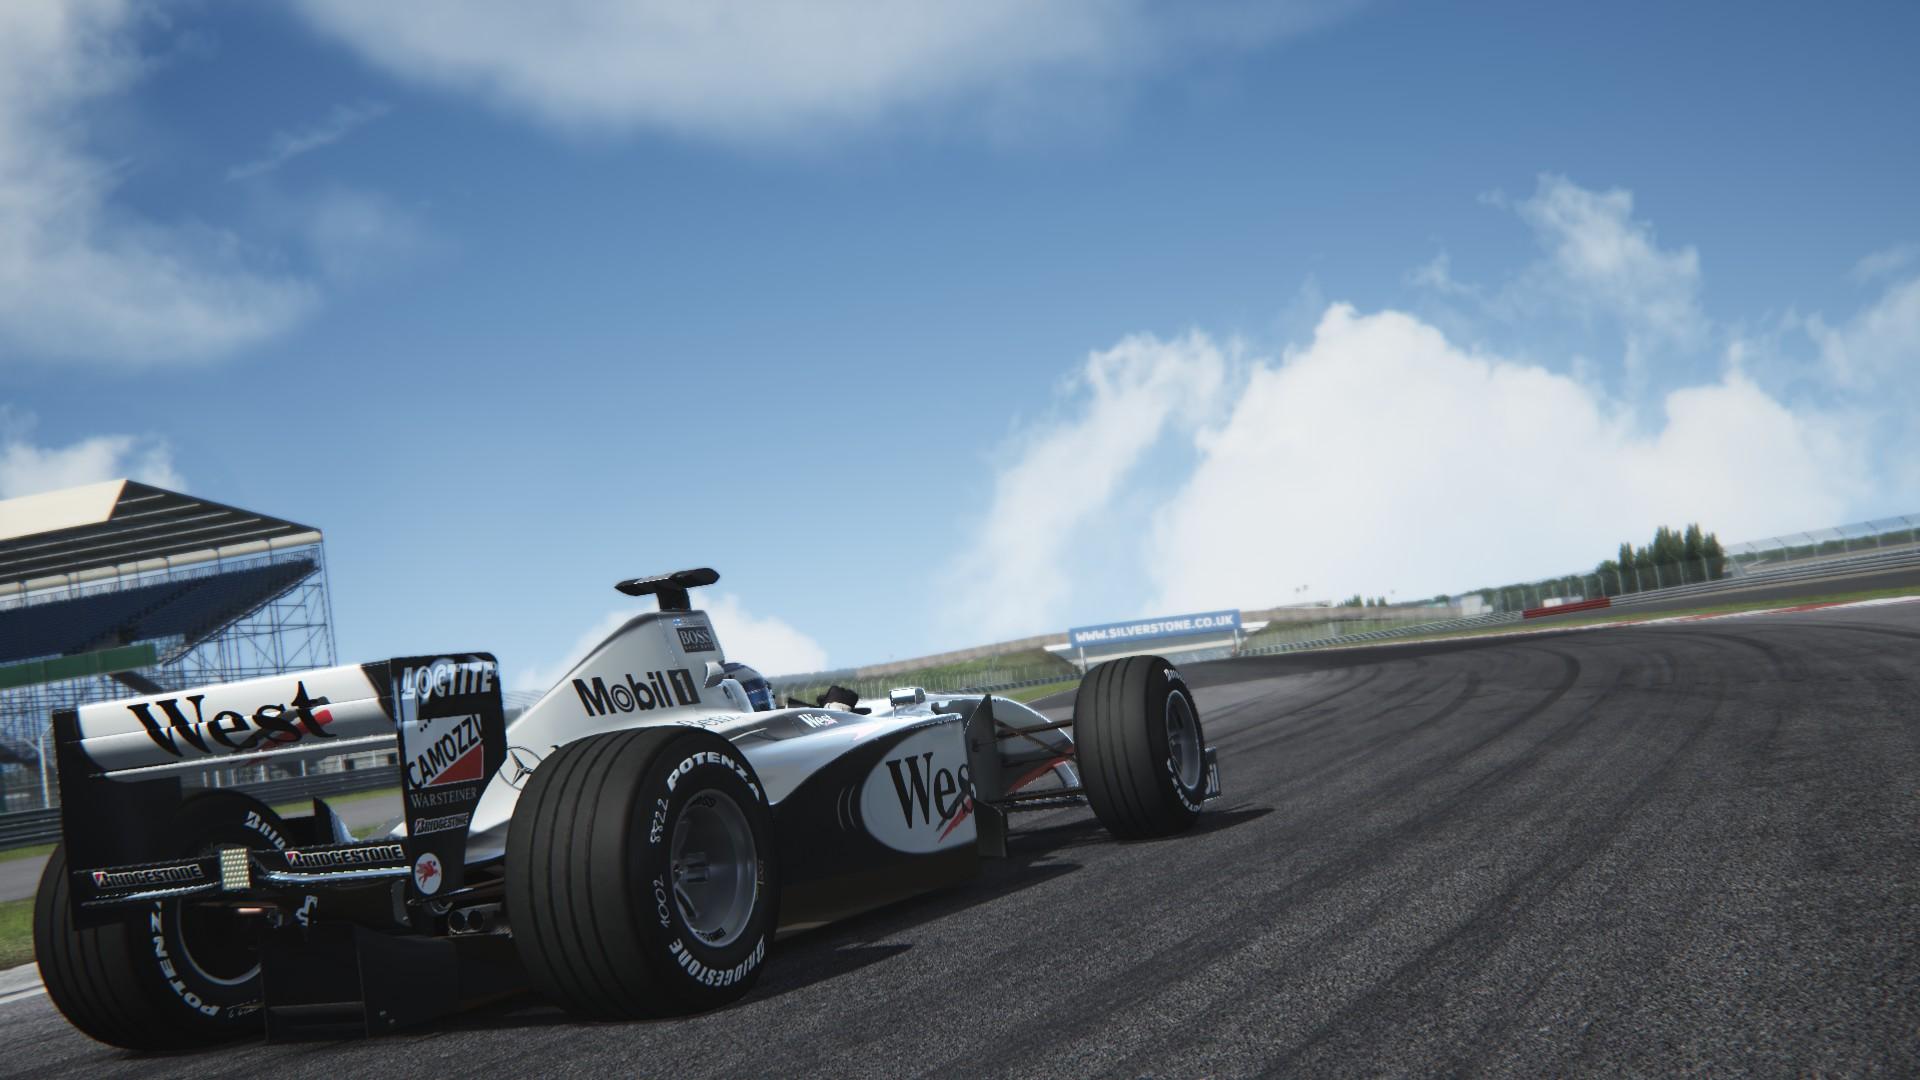 Assetto Corsa -  Mclaren mp4-13 by Virtua simulazioni Silverstone 01